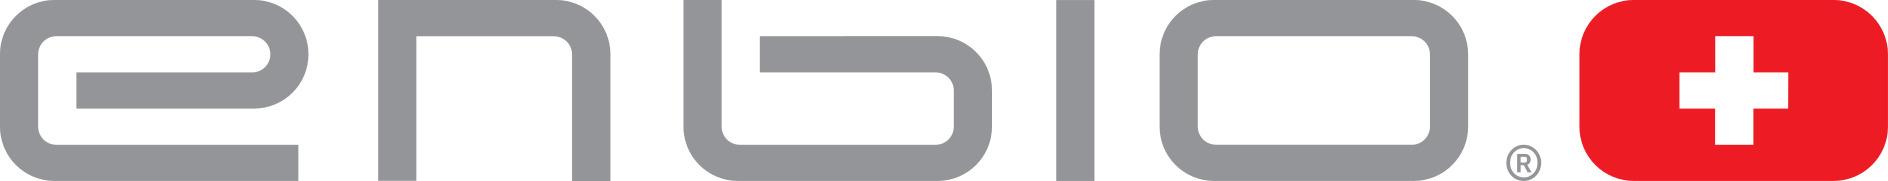 Enbio